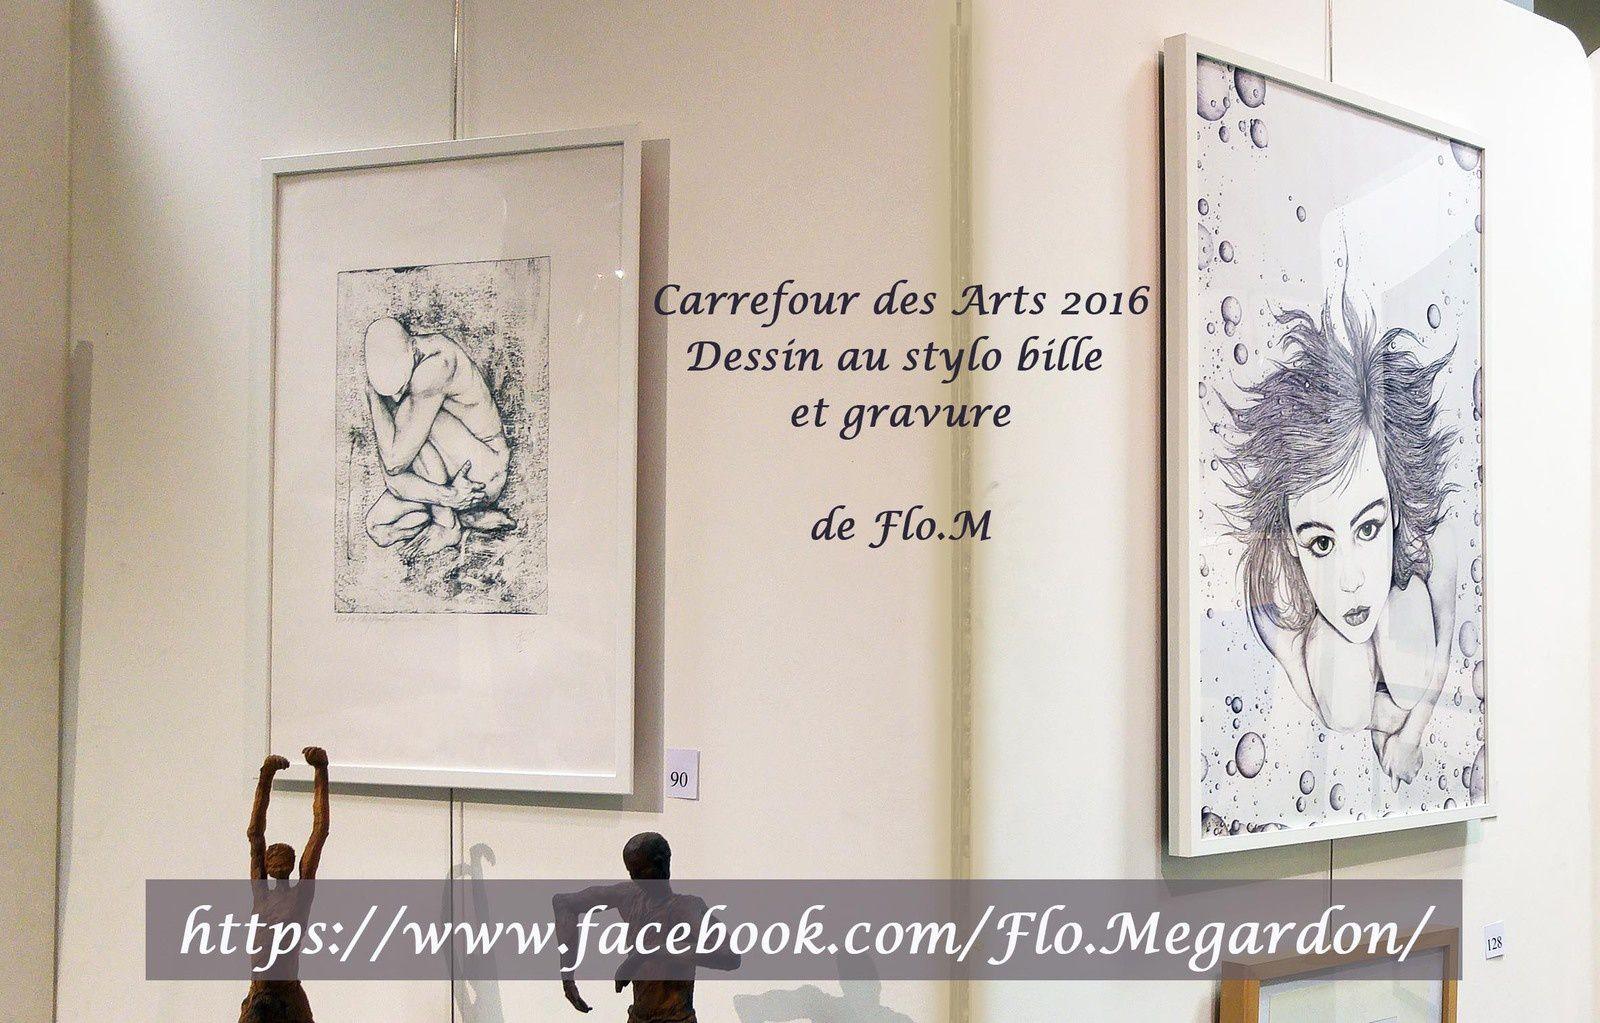 Salon Carrefour Europe 2016 de Chamalières avec Flo.M